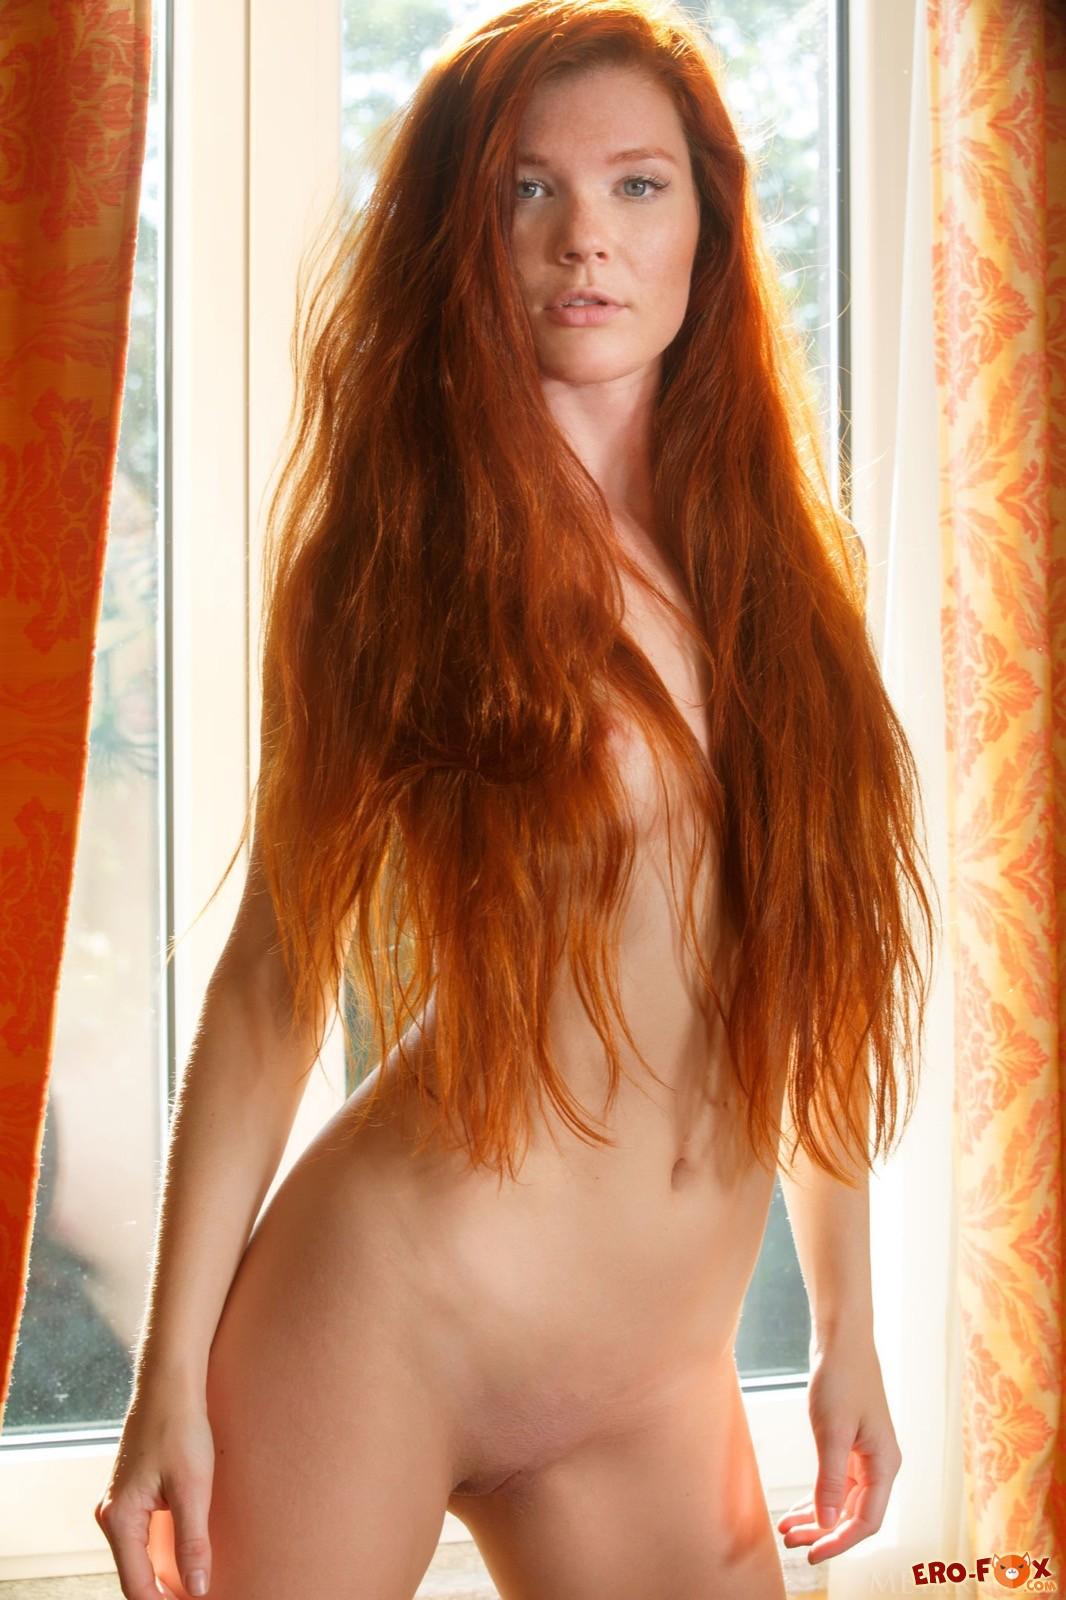 Голая рыжеволосая девушка с сексуальным телом